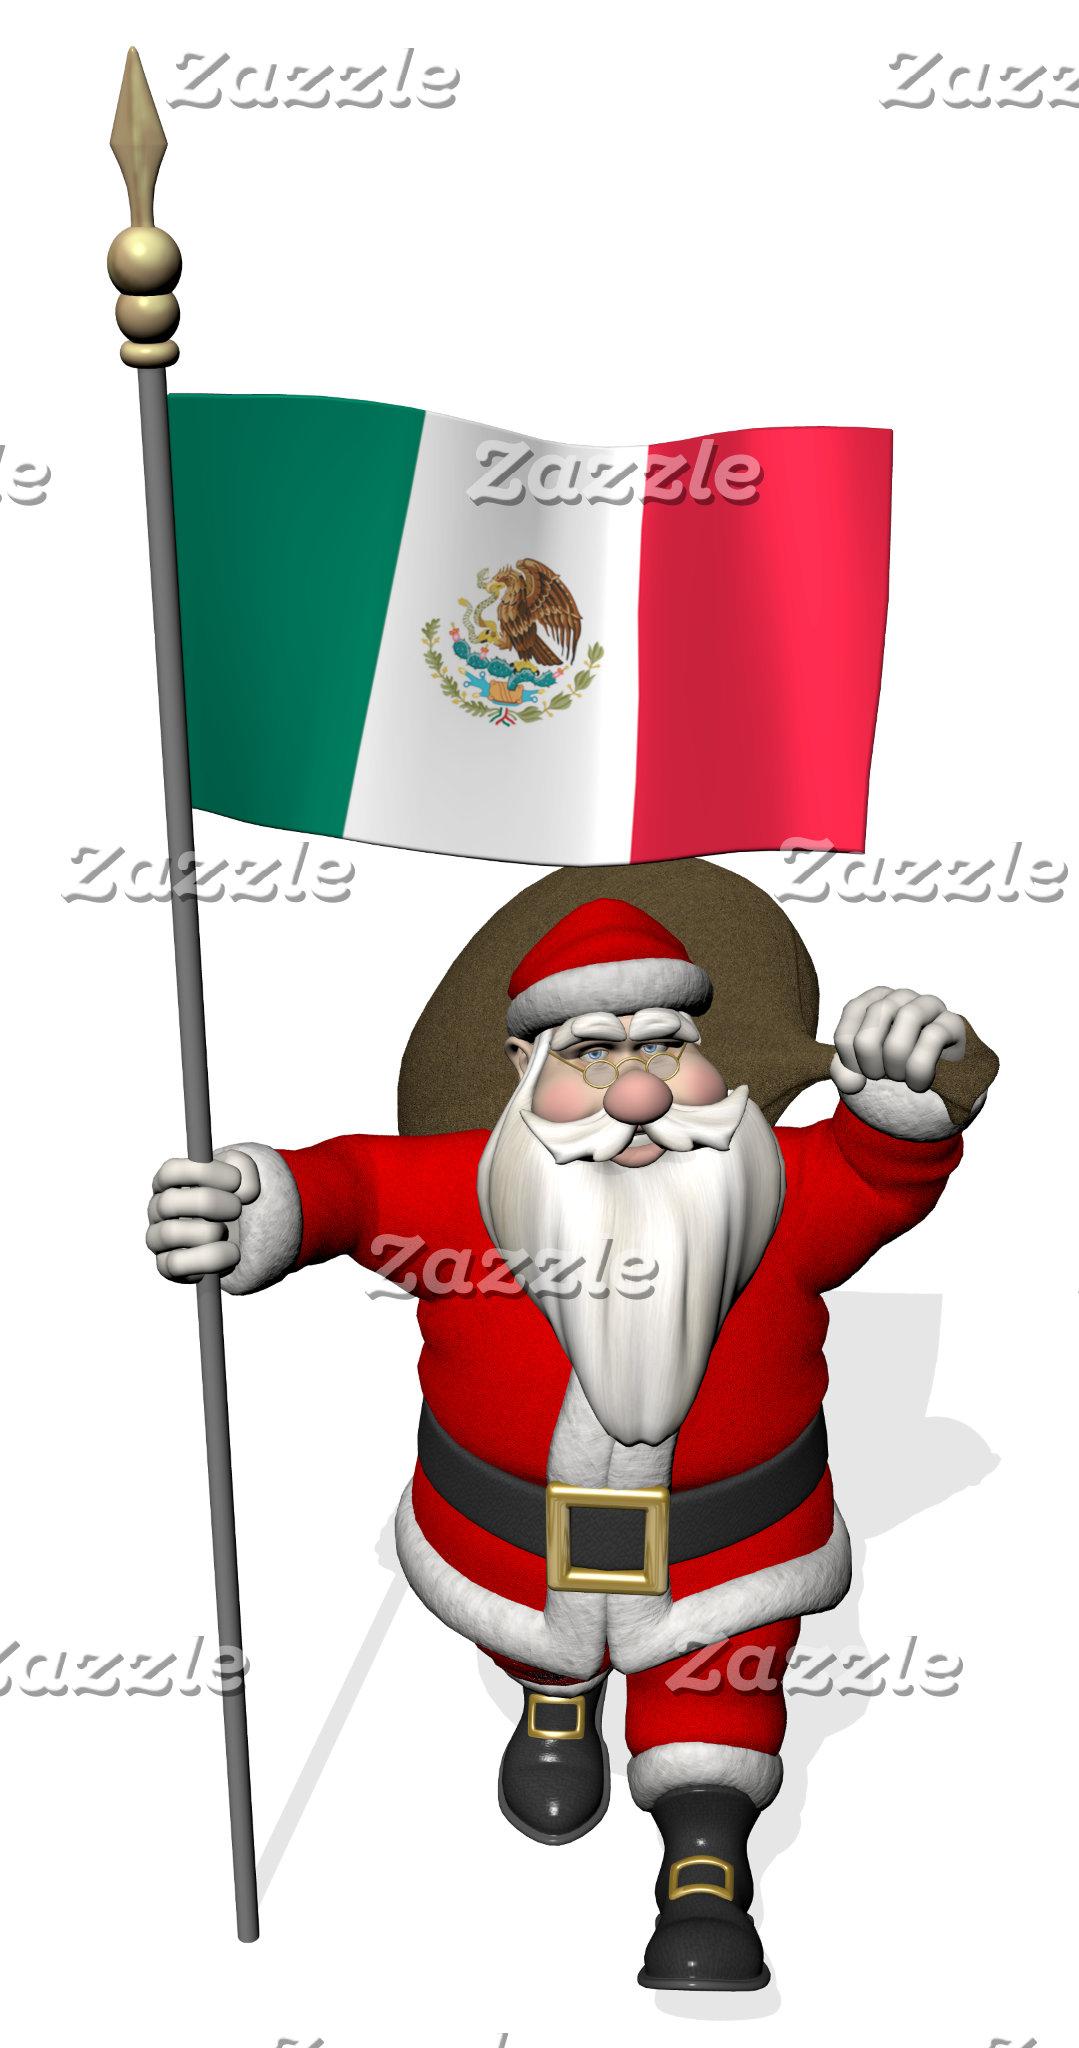 Mexico - Feliz Navidad!